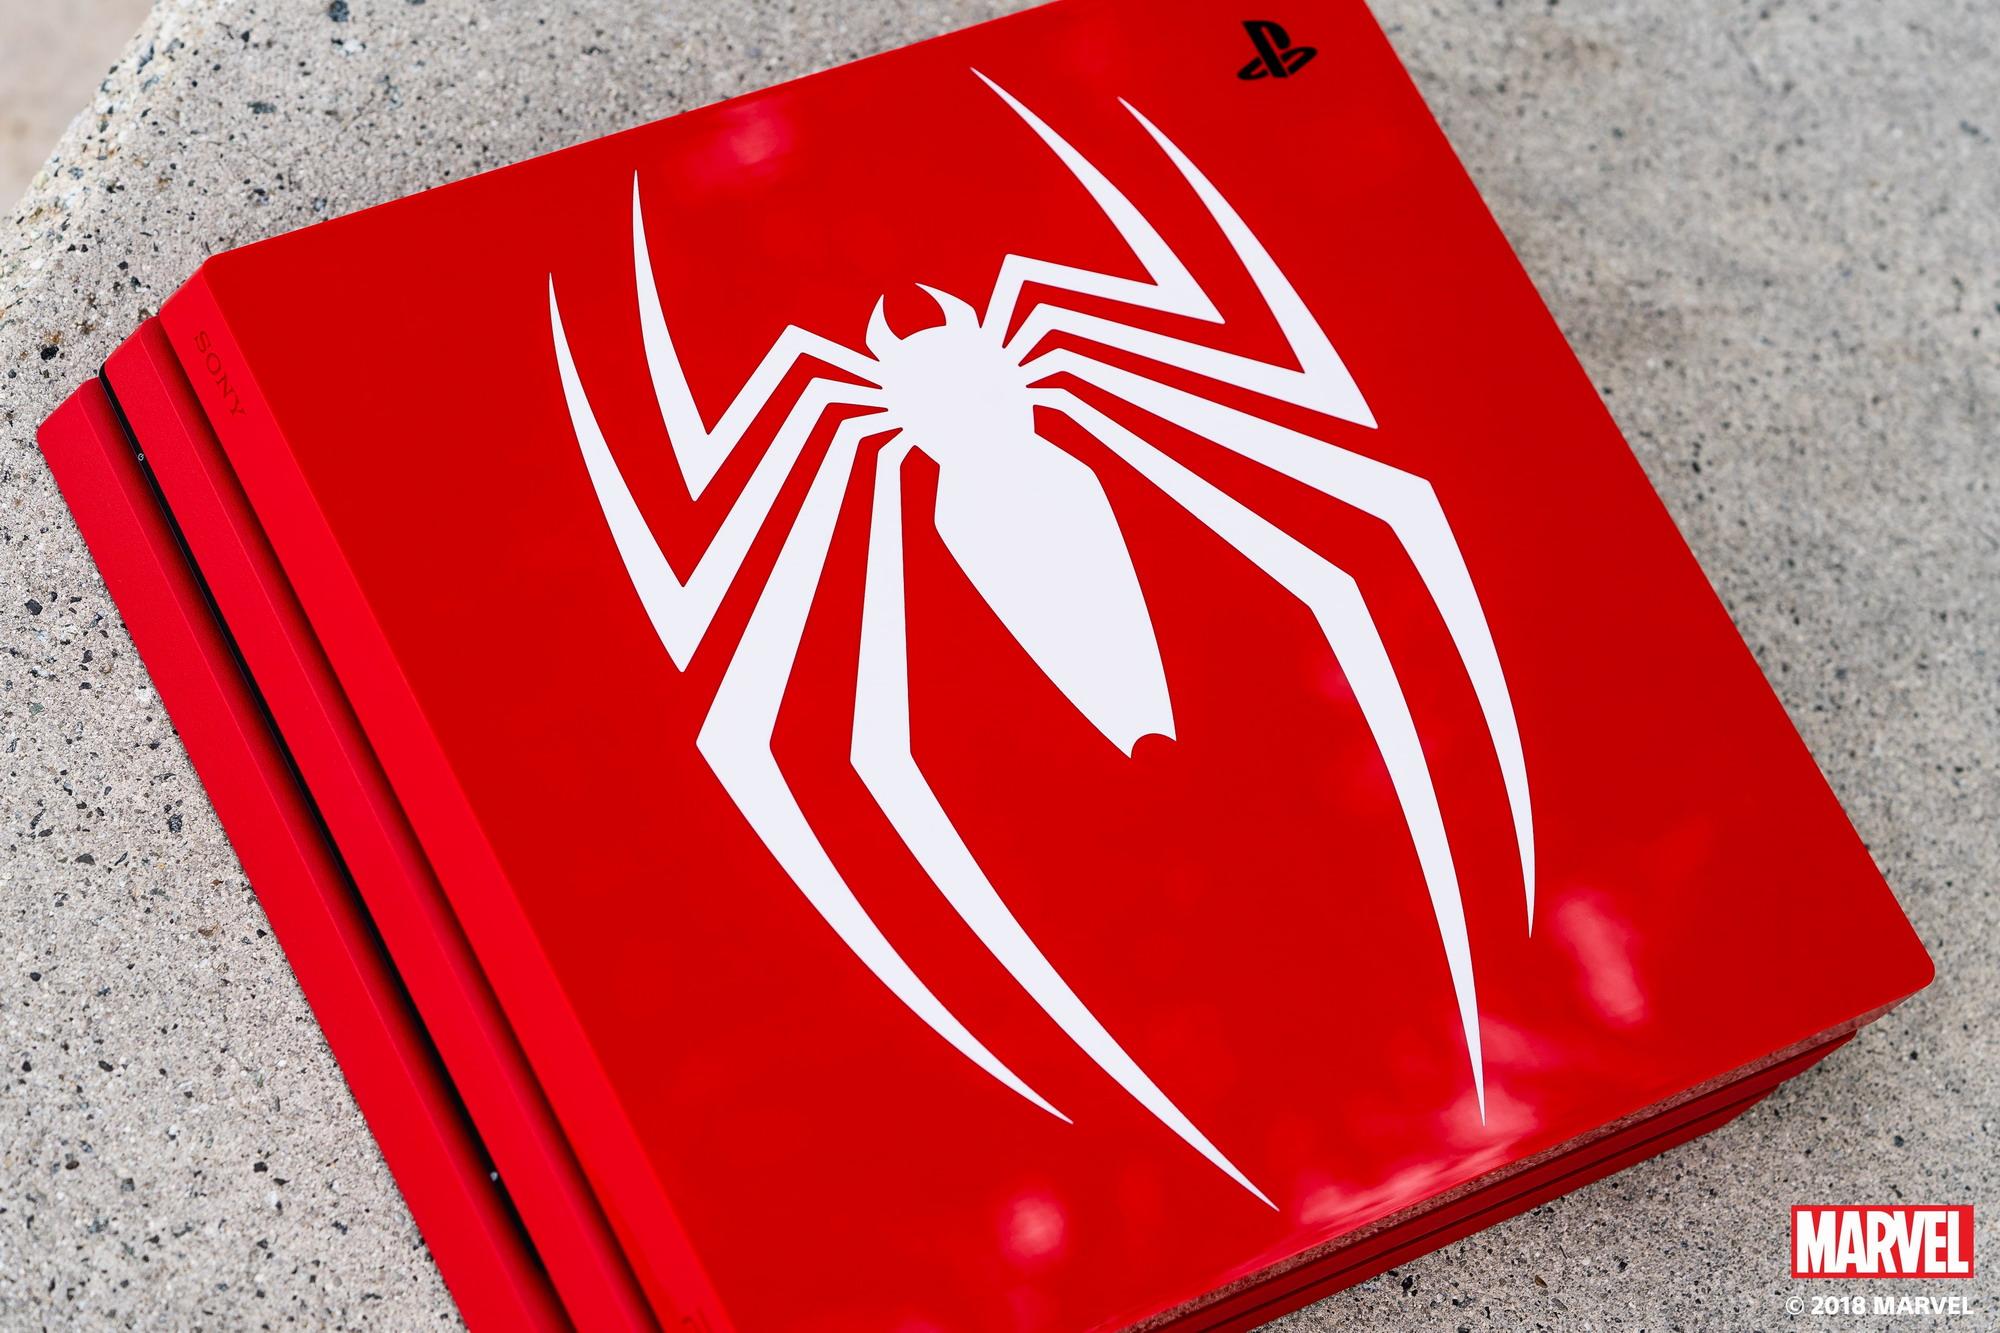 《蜘蛛侠》主题PS4 Pro主机图赏 霸气无比骨灰粉必入